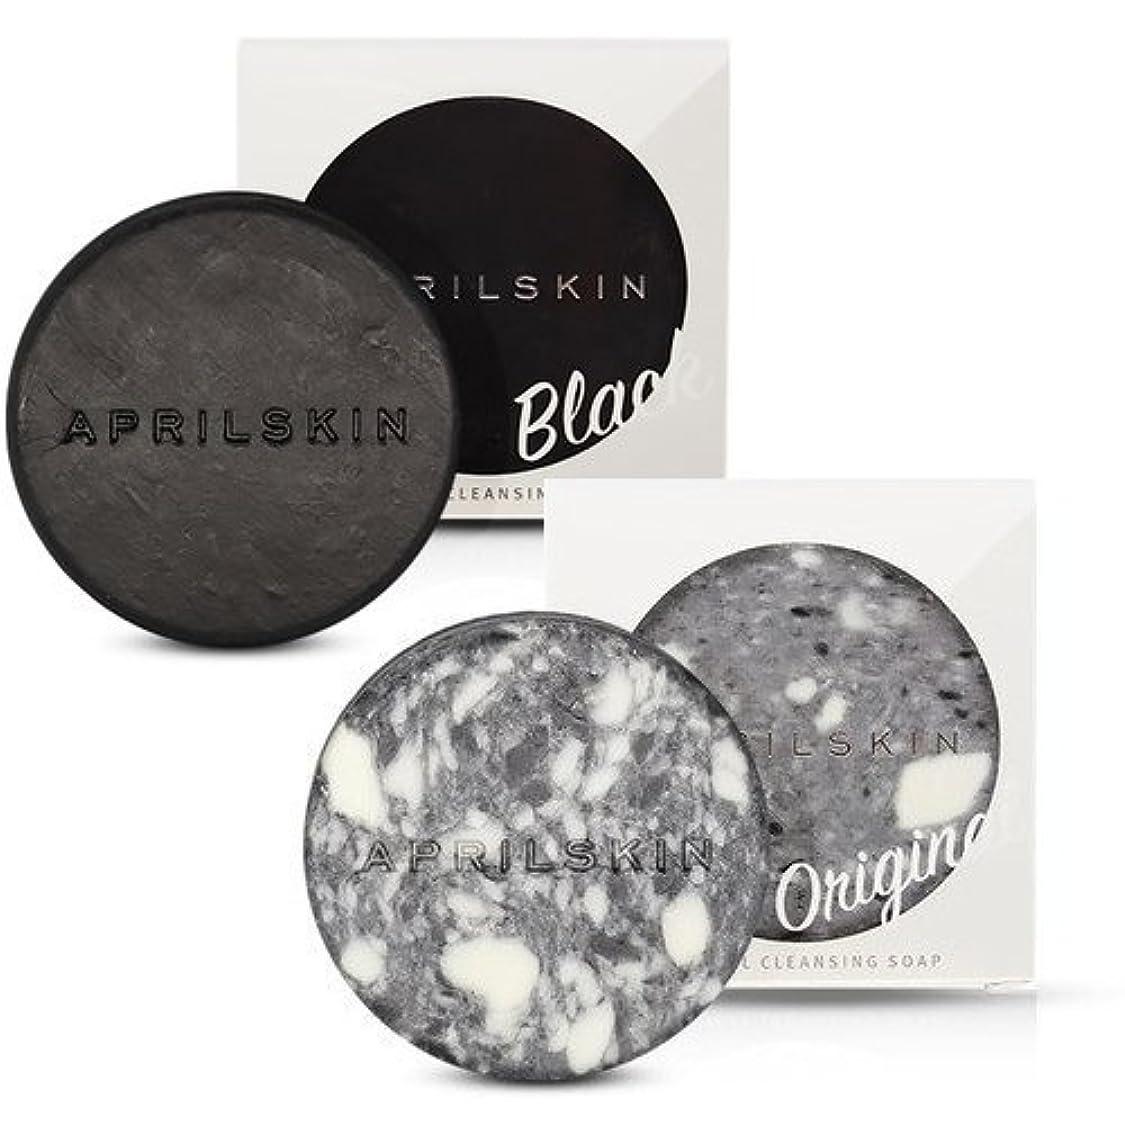 オフェンス準備ができて評決[1+1][APRILSKIN] エイプリルスキン国民石鹸 (APRIL SKIN マジックストーンのリニューアルバージョン新発売) (ORIGINAL+BLACK) [並行輸入品]